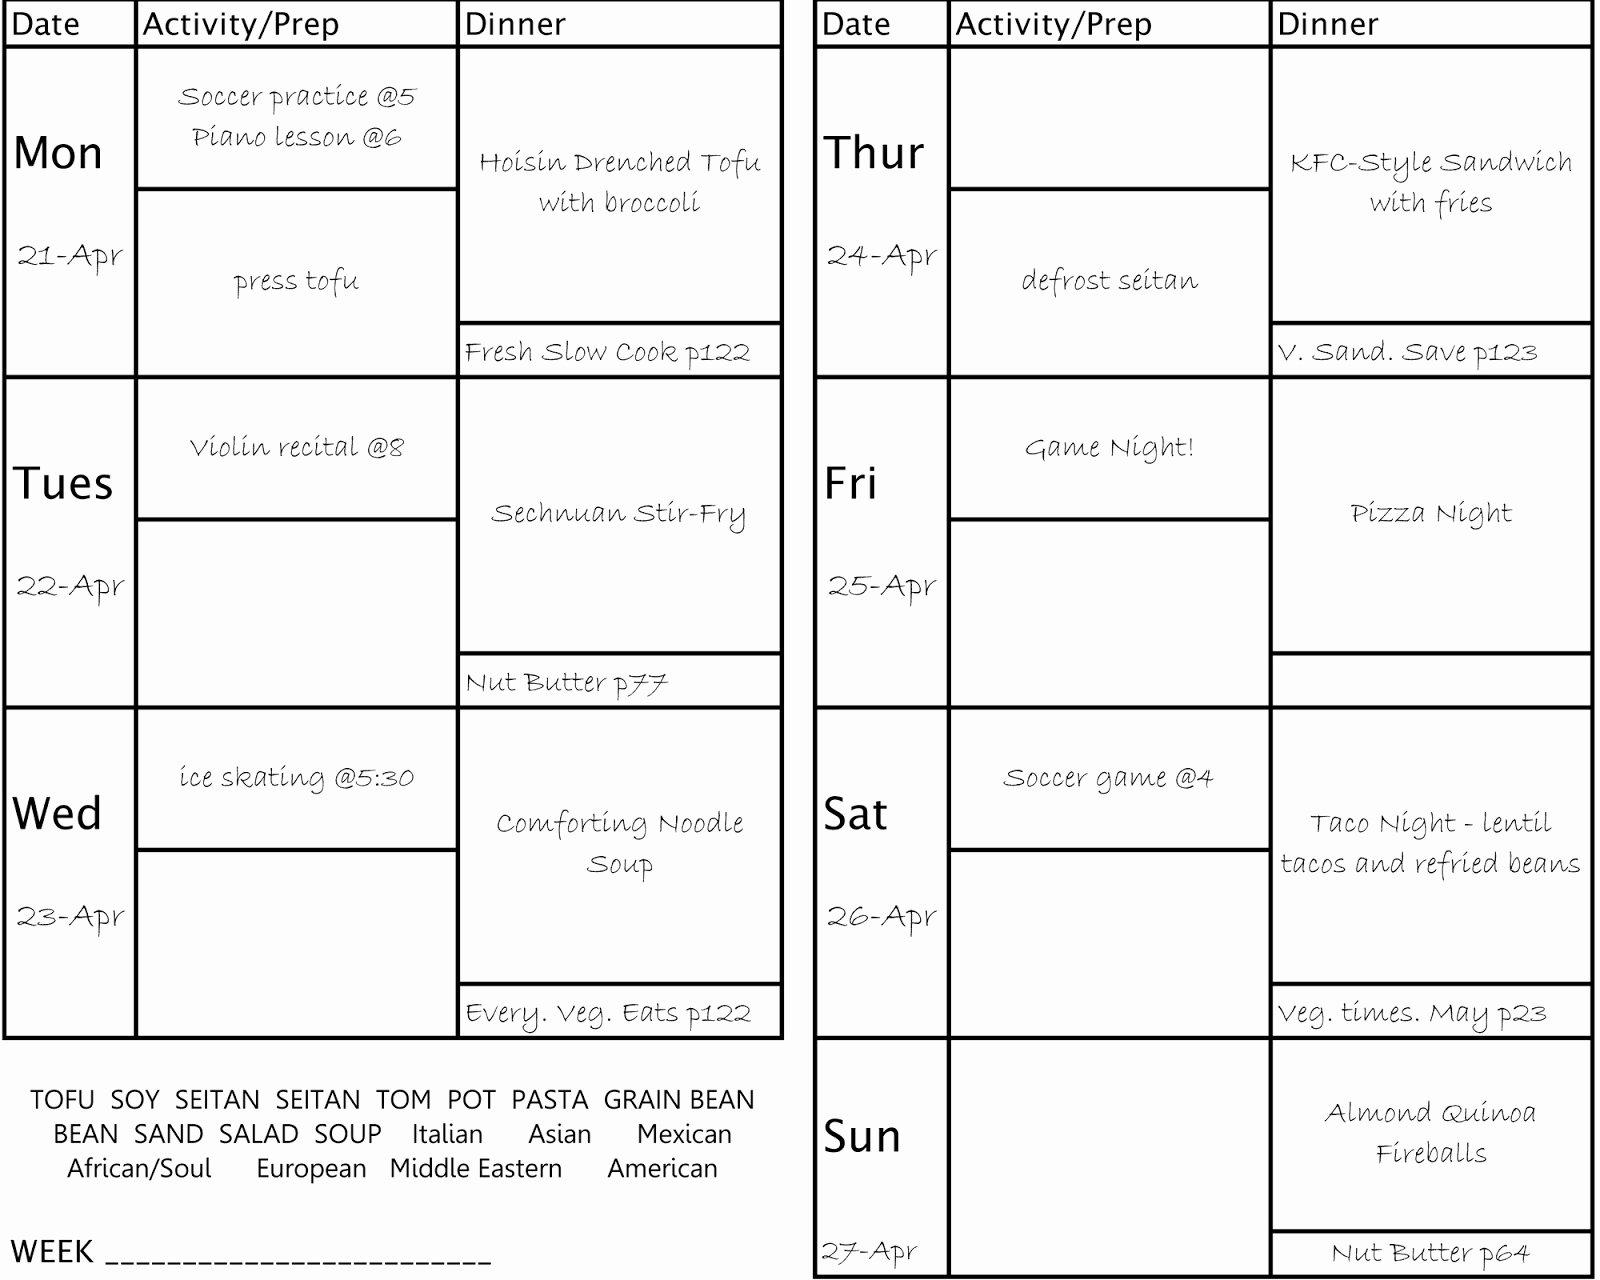 Menu Planner Template Excel Best Of 2 3 Menu Planning Template